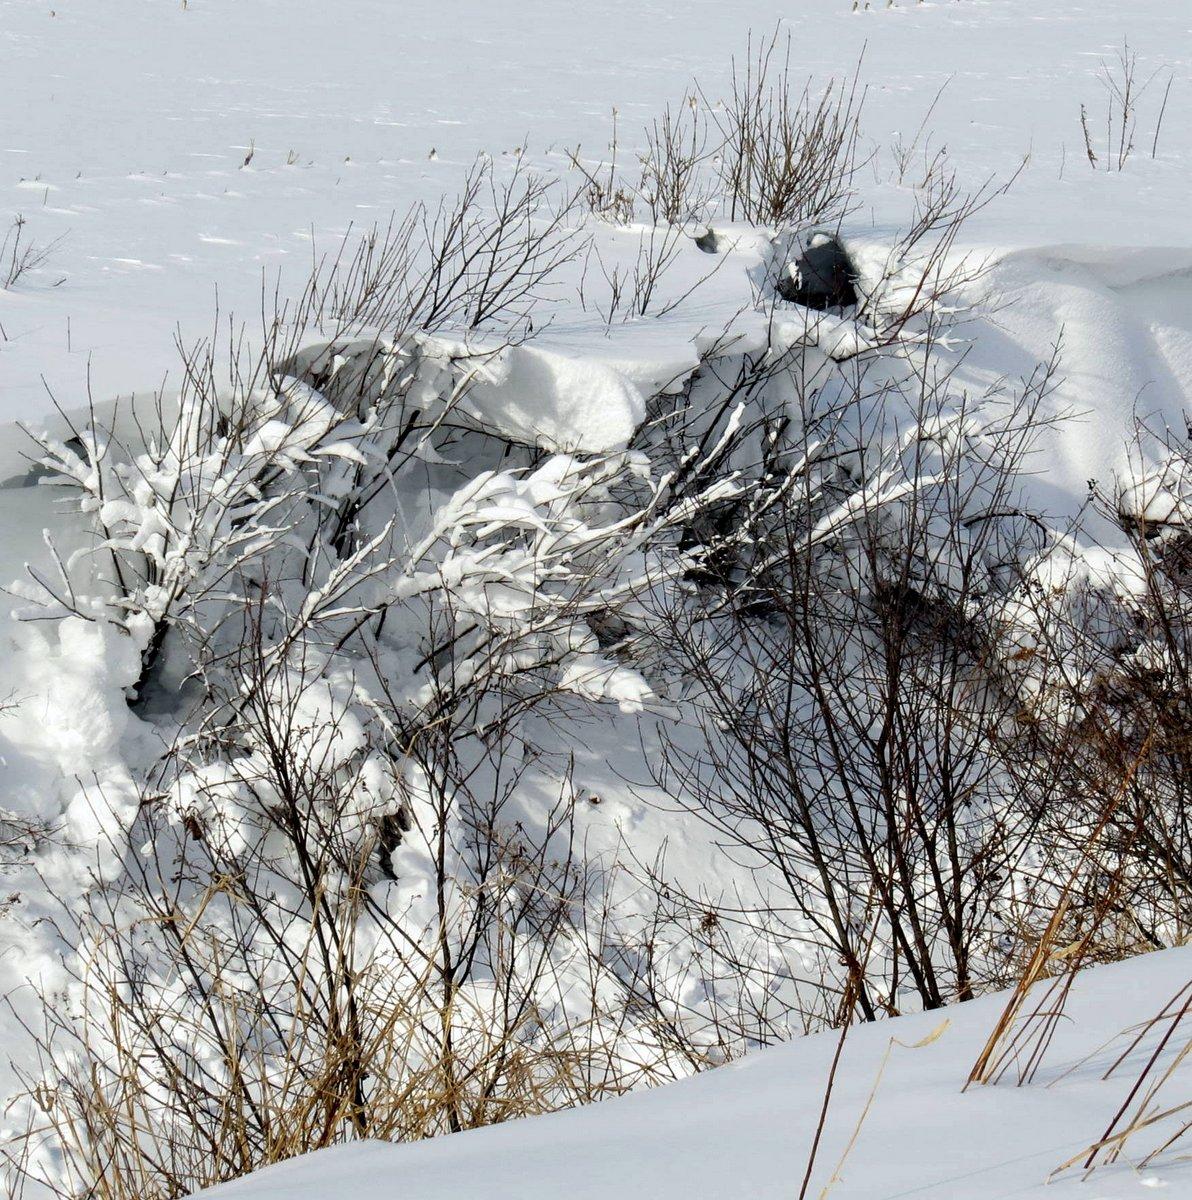 2. Snowy Bushes